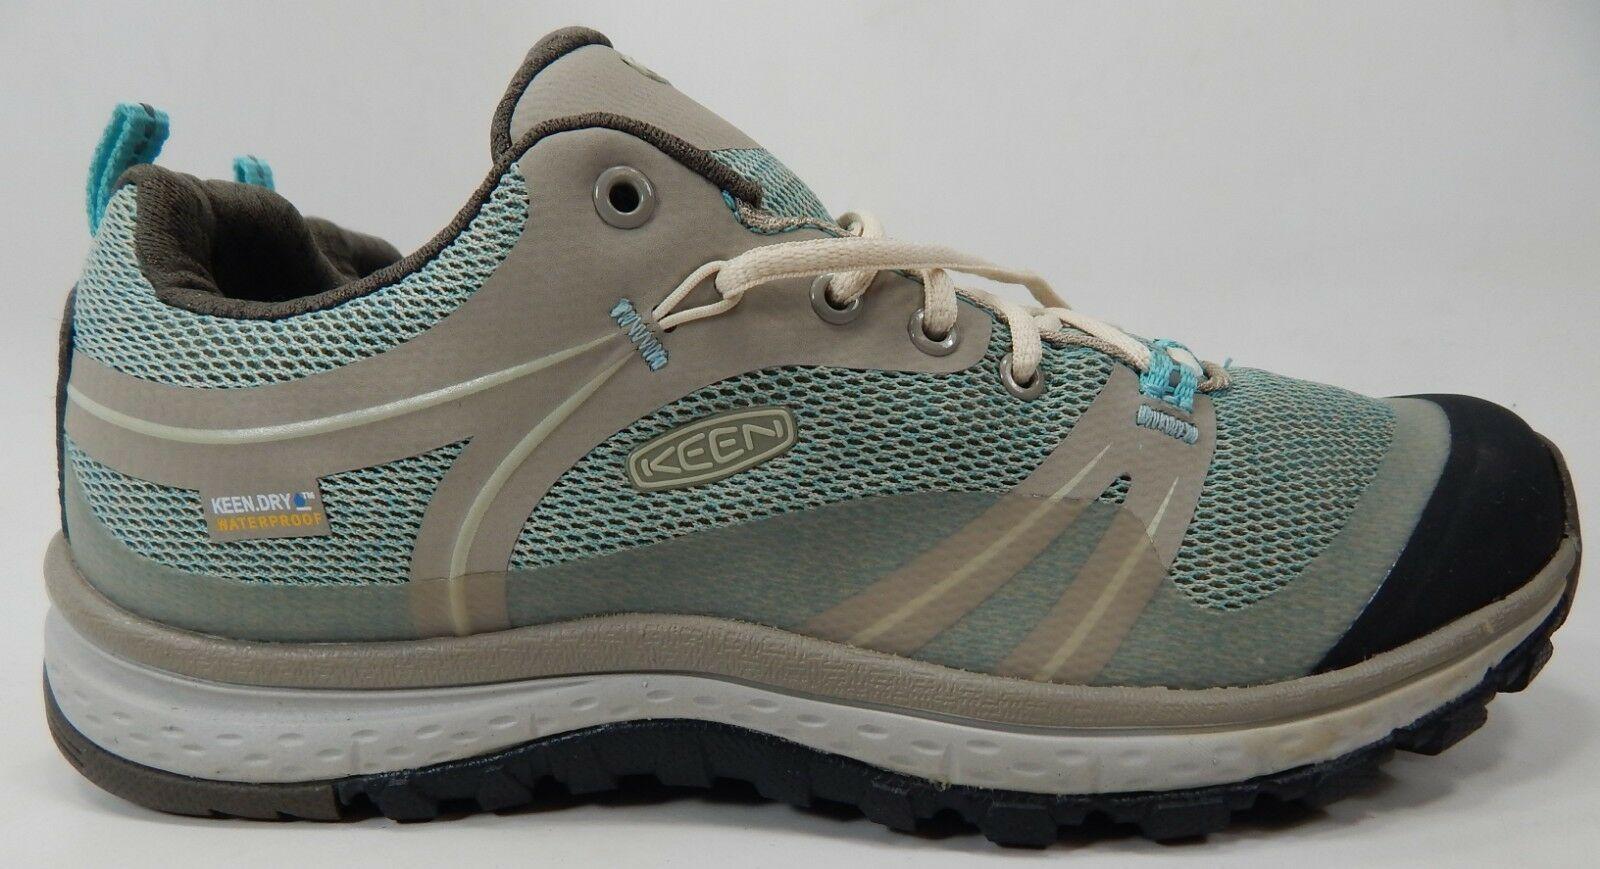 Keen Terradora Taille Us 7.5 M(B) Ue 38 Femmes Wp Chaussures de Randonnée Beige